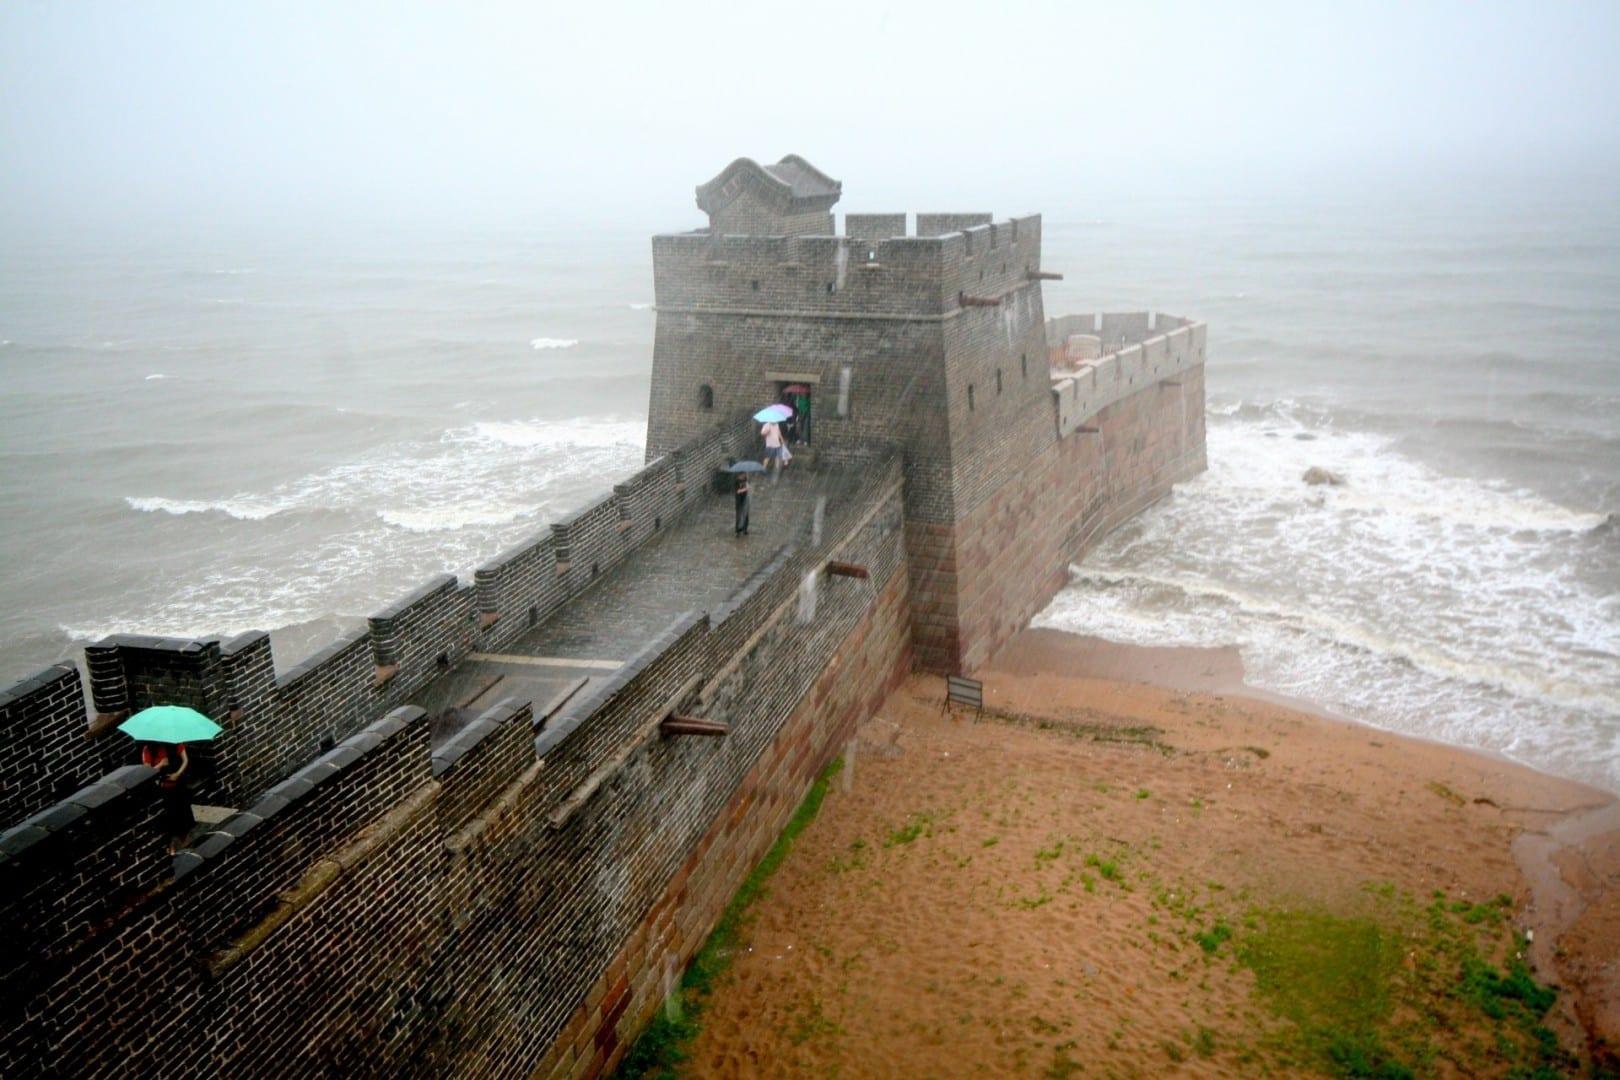 El final de la Gran Muralla China donde se encuentra con el océano Qinhuangdao China